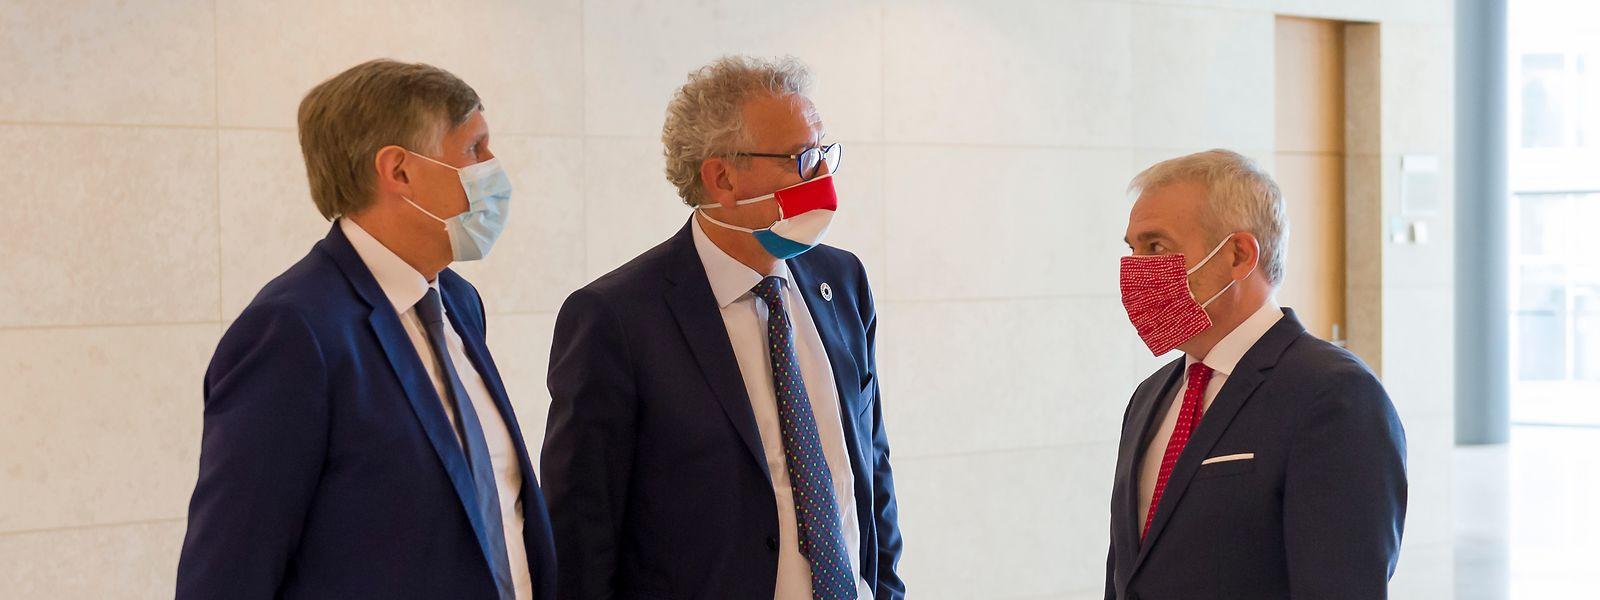 Il va bien falloir que les trois vice-Premiers ministres (Déi Gréng, DP et LSAP) se décident sur une position commune en matière fiscale. Sinon, gare au désordre jusqu'en 2023...